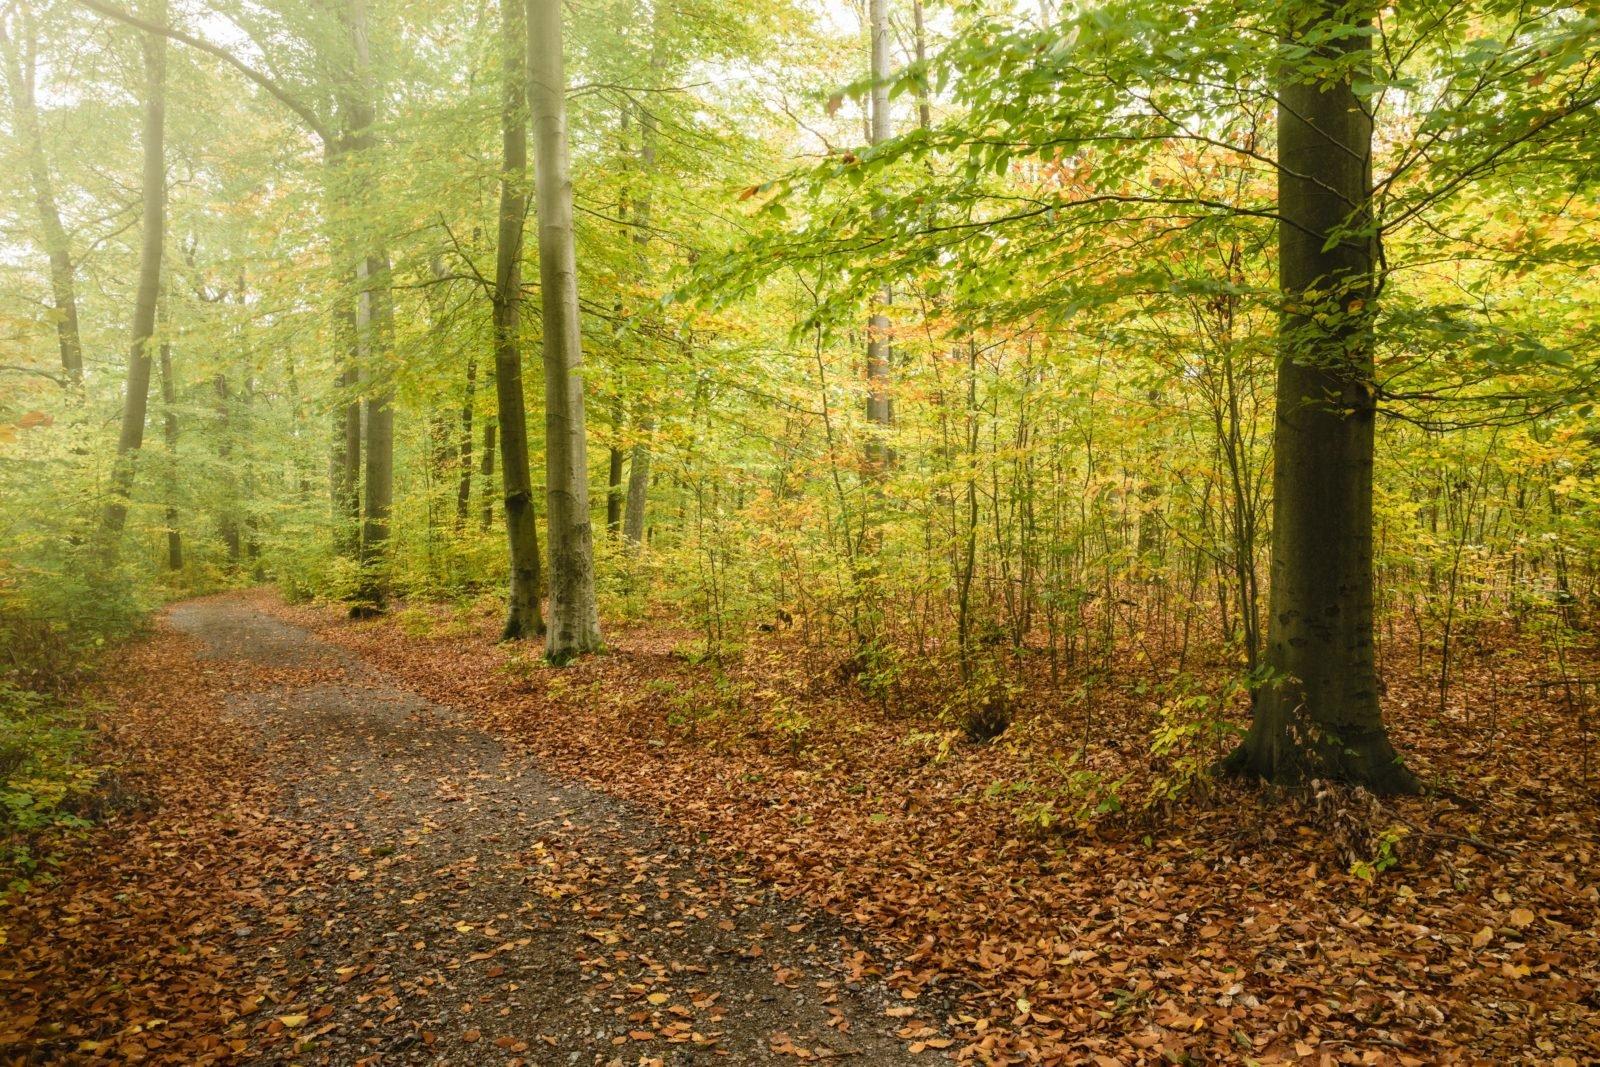 Der Blick in einen herbstlichen Wald: Die Blätter der Bäume sind noch grün und teils gelb, auf dem Boden liegt schon jede Menge Laub. Quer durch das Bild verläuft ein Trampelpfad.